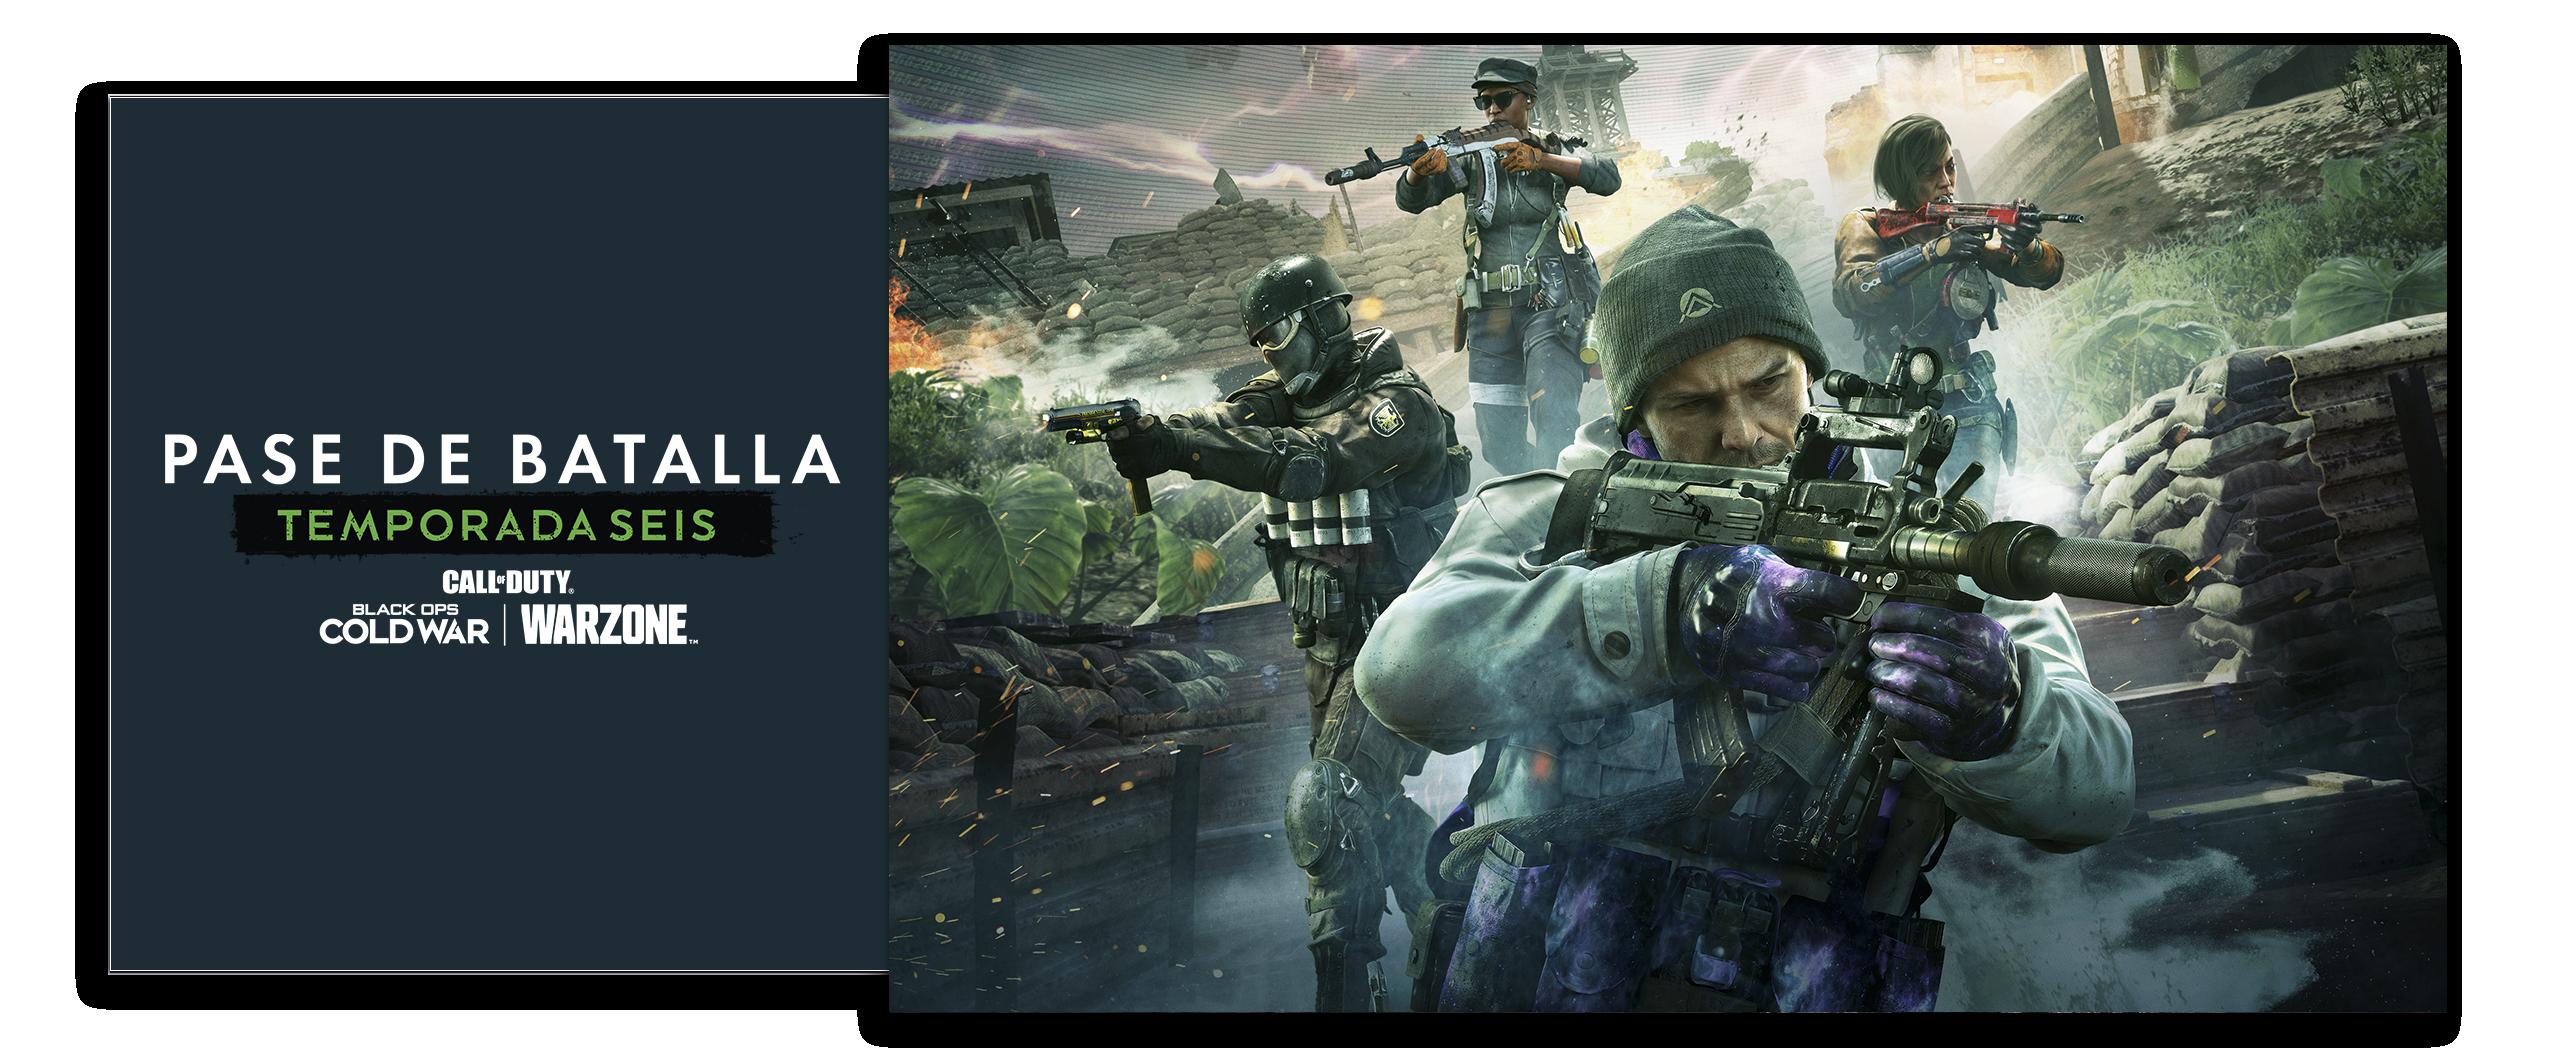 Arte do Passe de Batalha da Temporada 6 de Call of Duty Black Ops Cold War